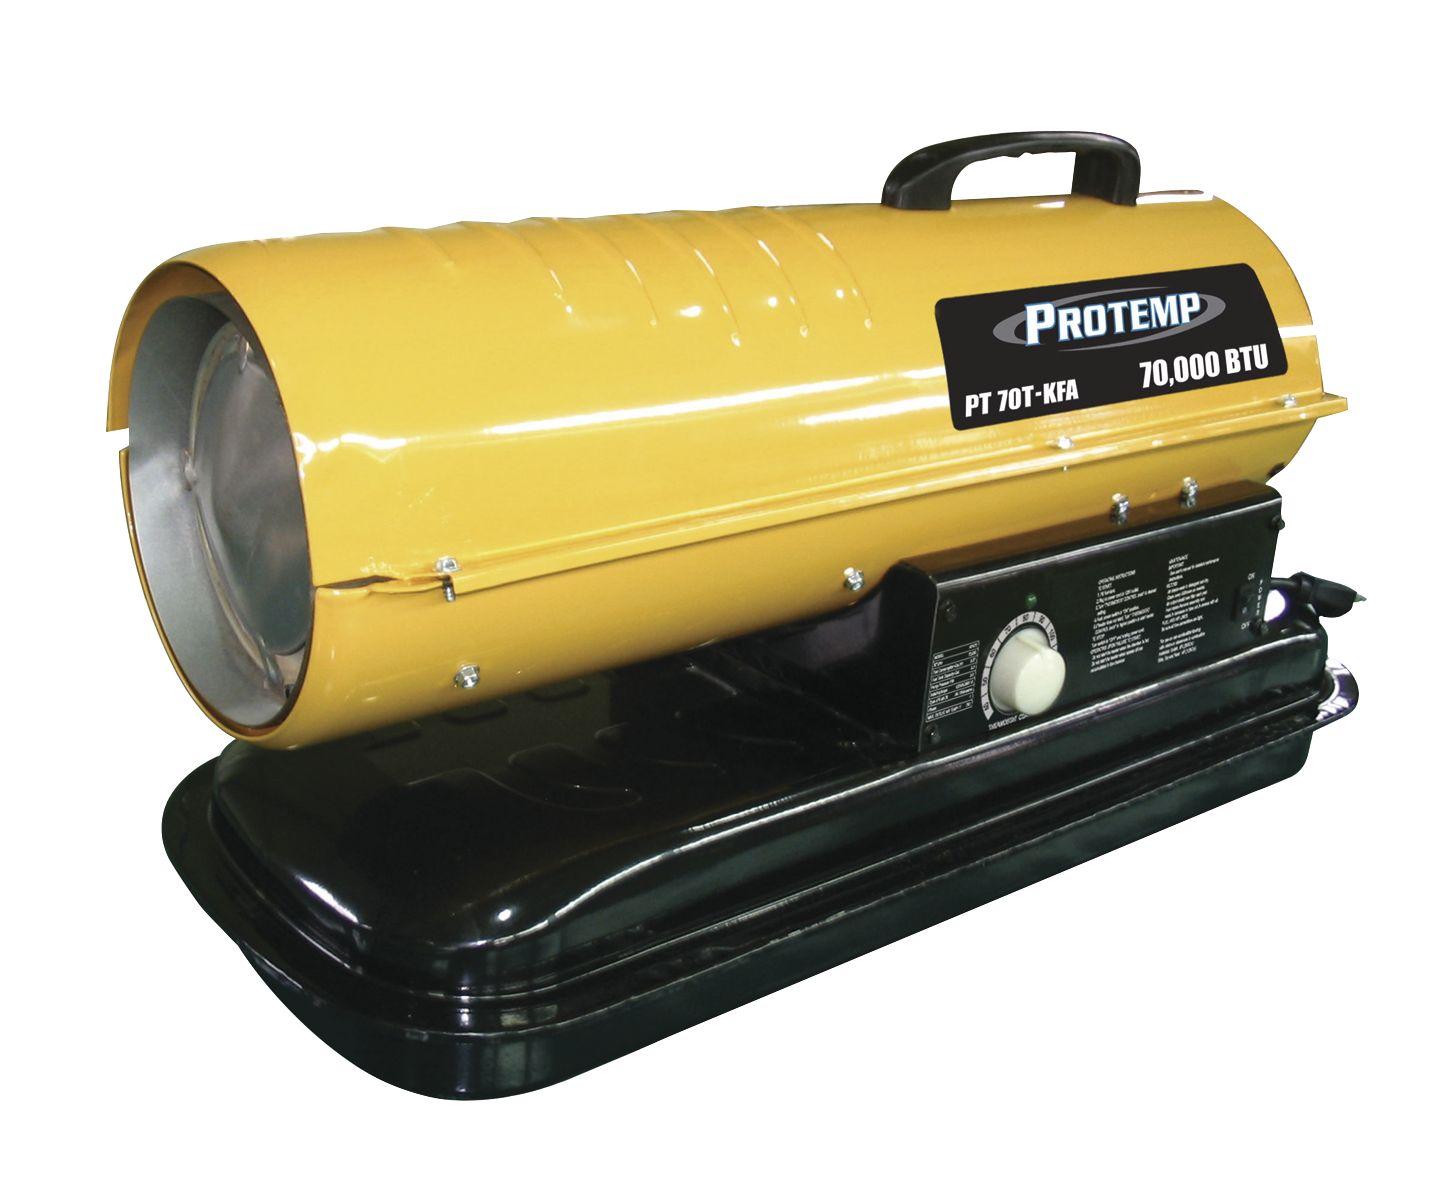 protection contre la surchauffe, thermostat int/égr/é, allumage /électronique, 230V, pare-flammes MaxxHome chauffage direct au fuel G/én/érateur dAir Chaud Diesel 30 kW